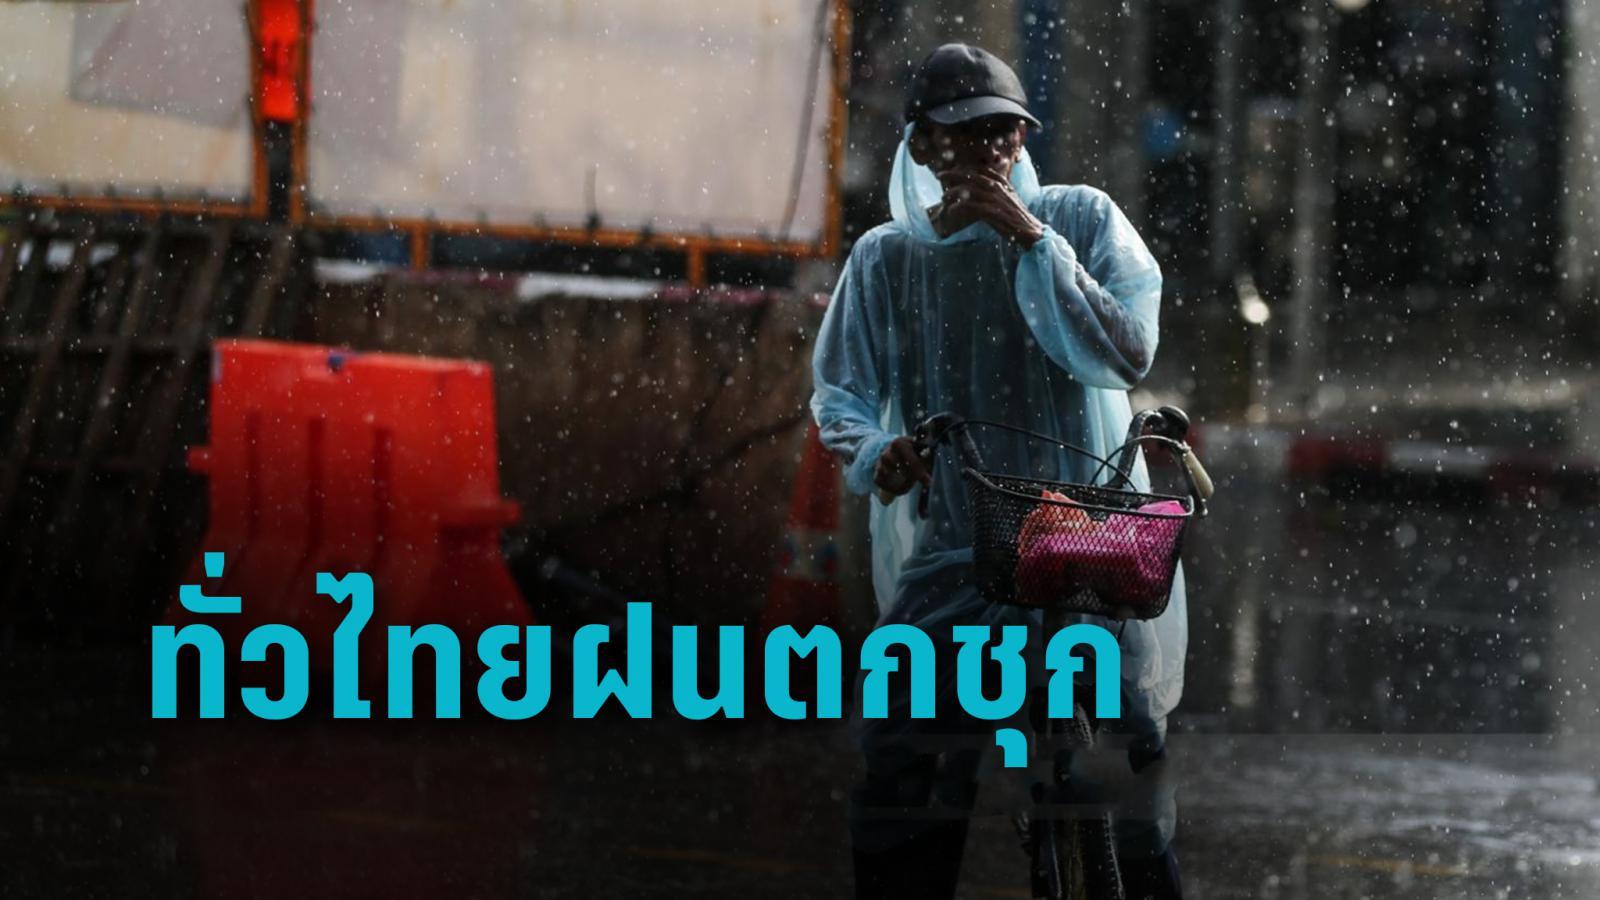 อุตุฯ เตือนทั่วไทยมีฝนเพิ่มขึ้น ตก 60-70% ของพื้นที่